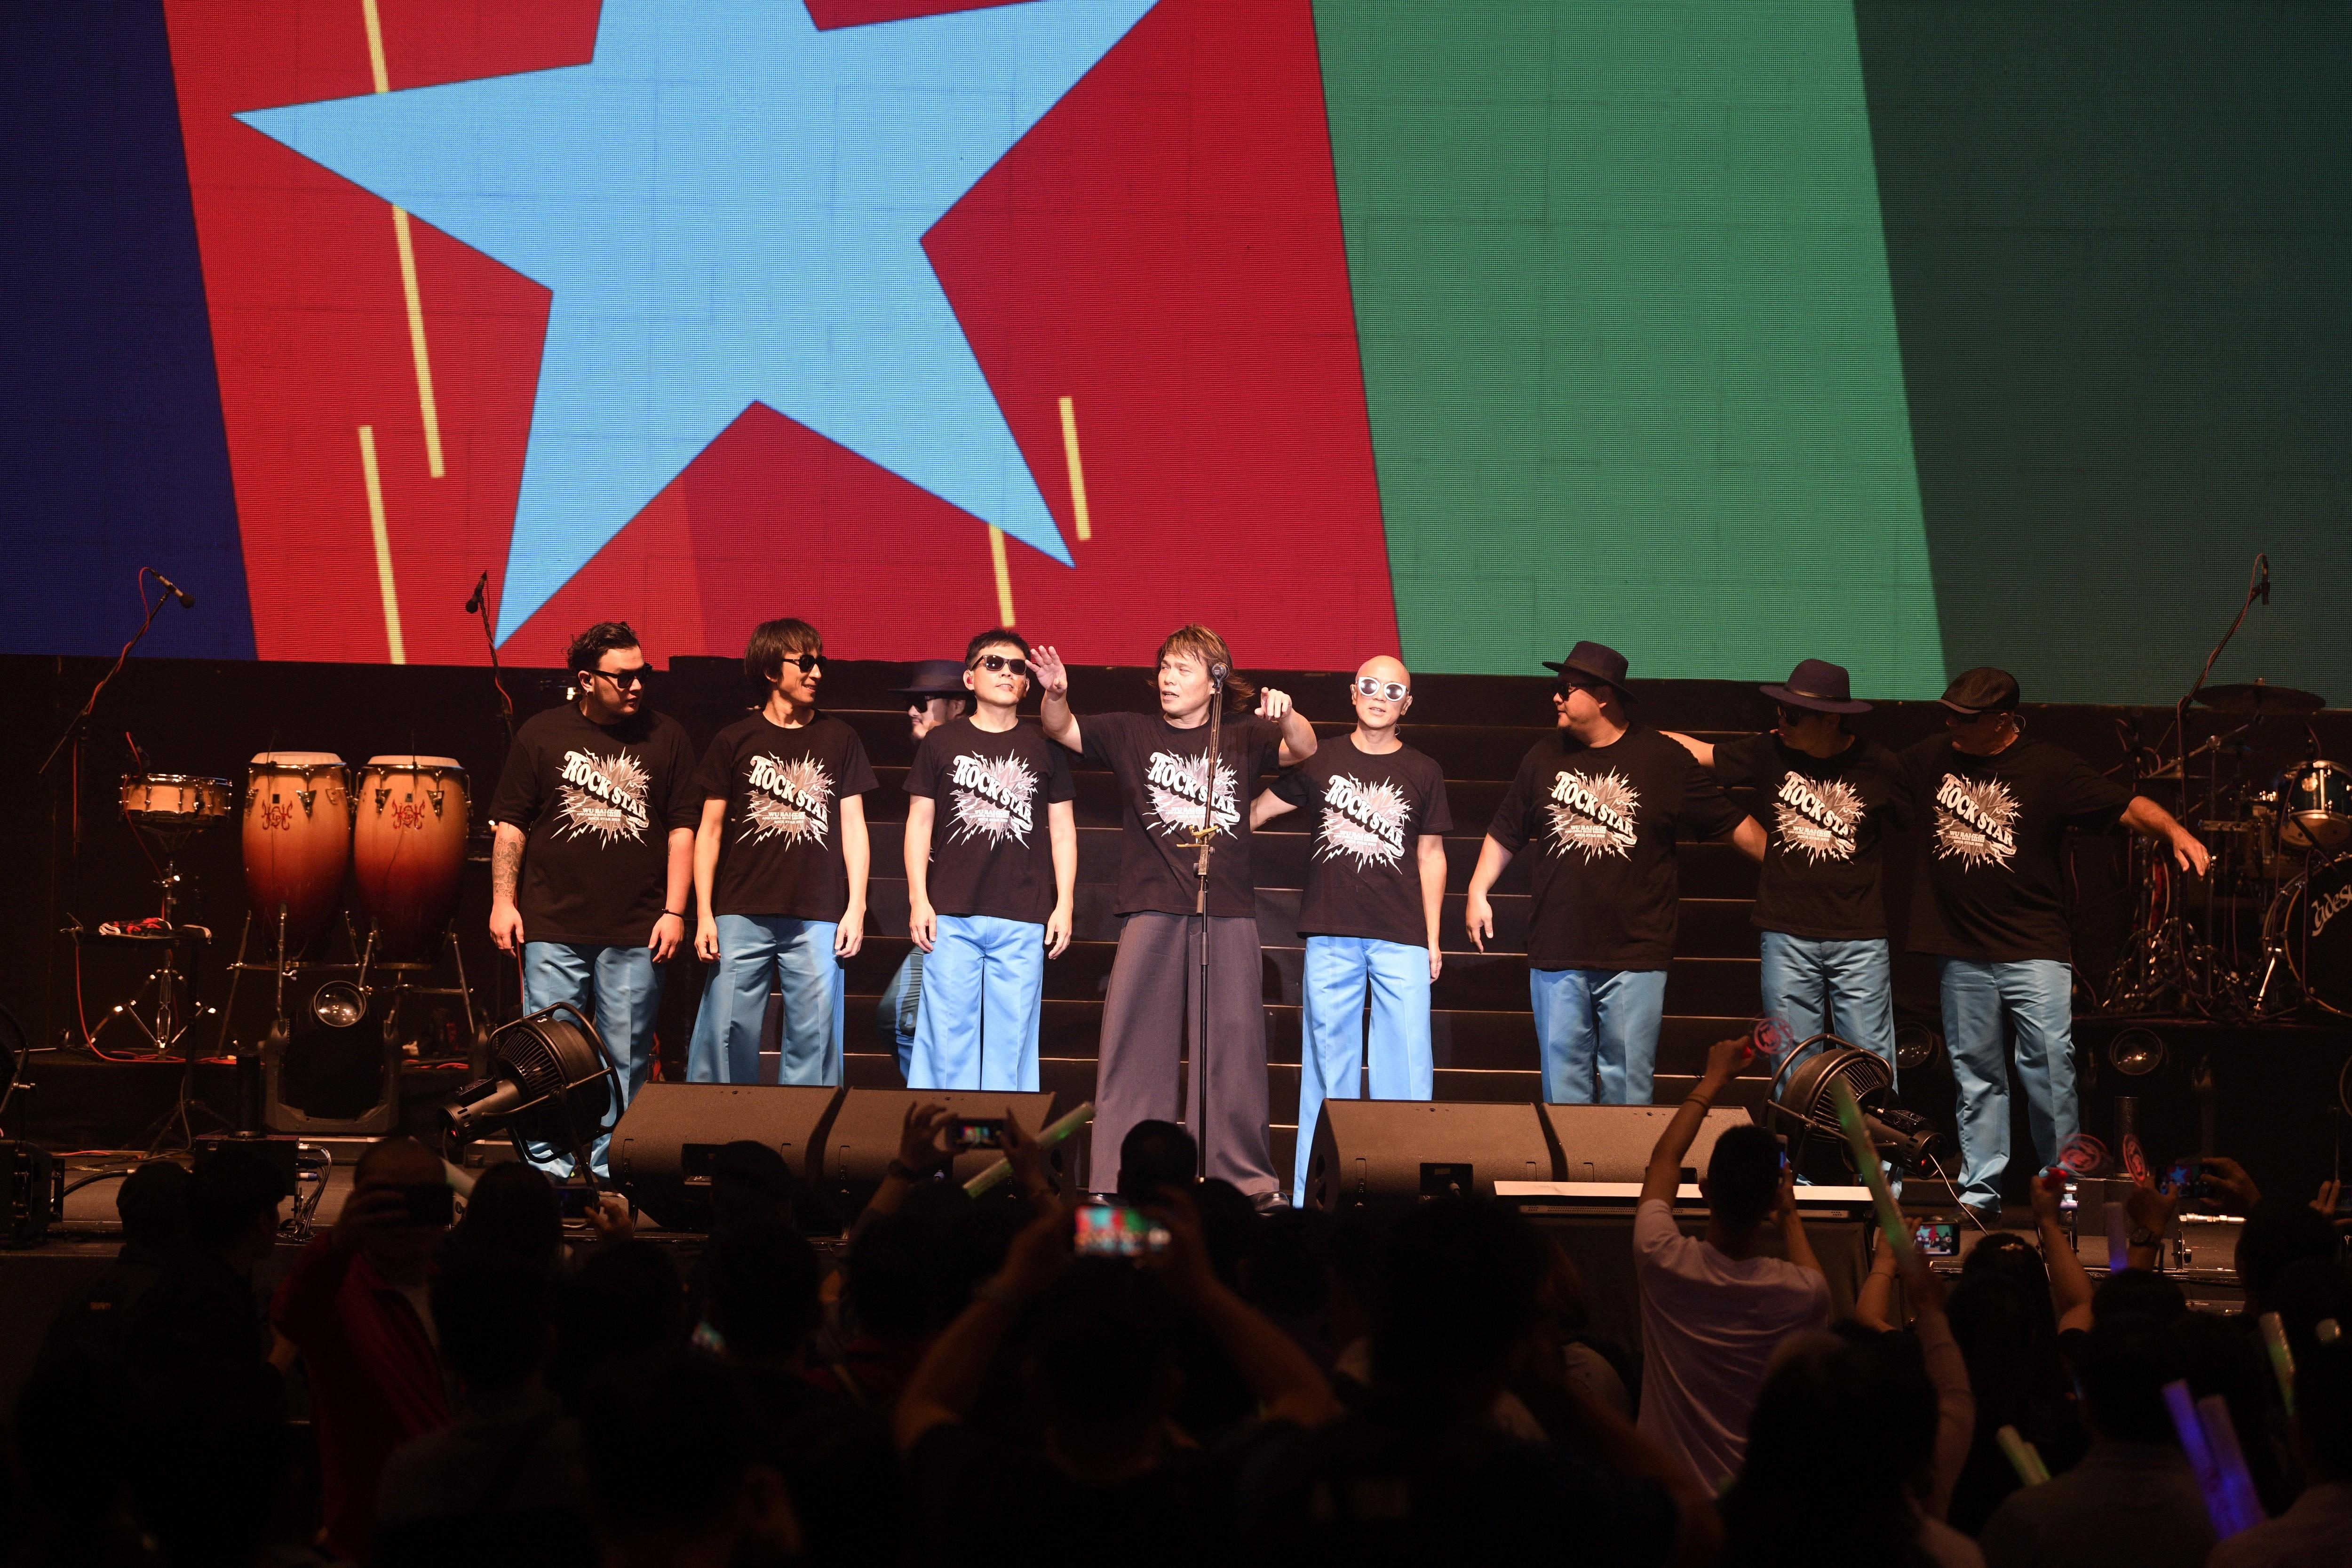 伍佰和China Blue在唱完两首安可曲后鞠躬谢歌迷。-RW Genting提供-